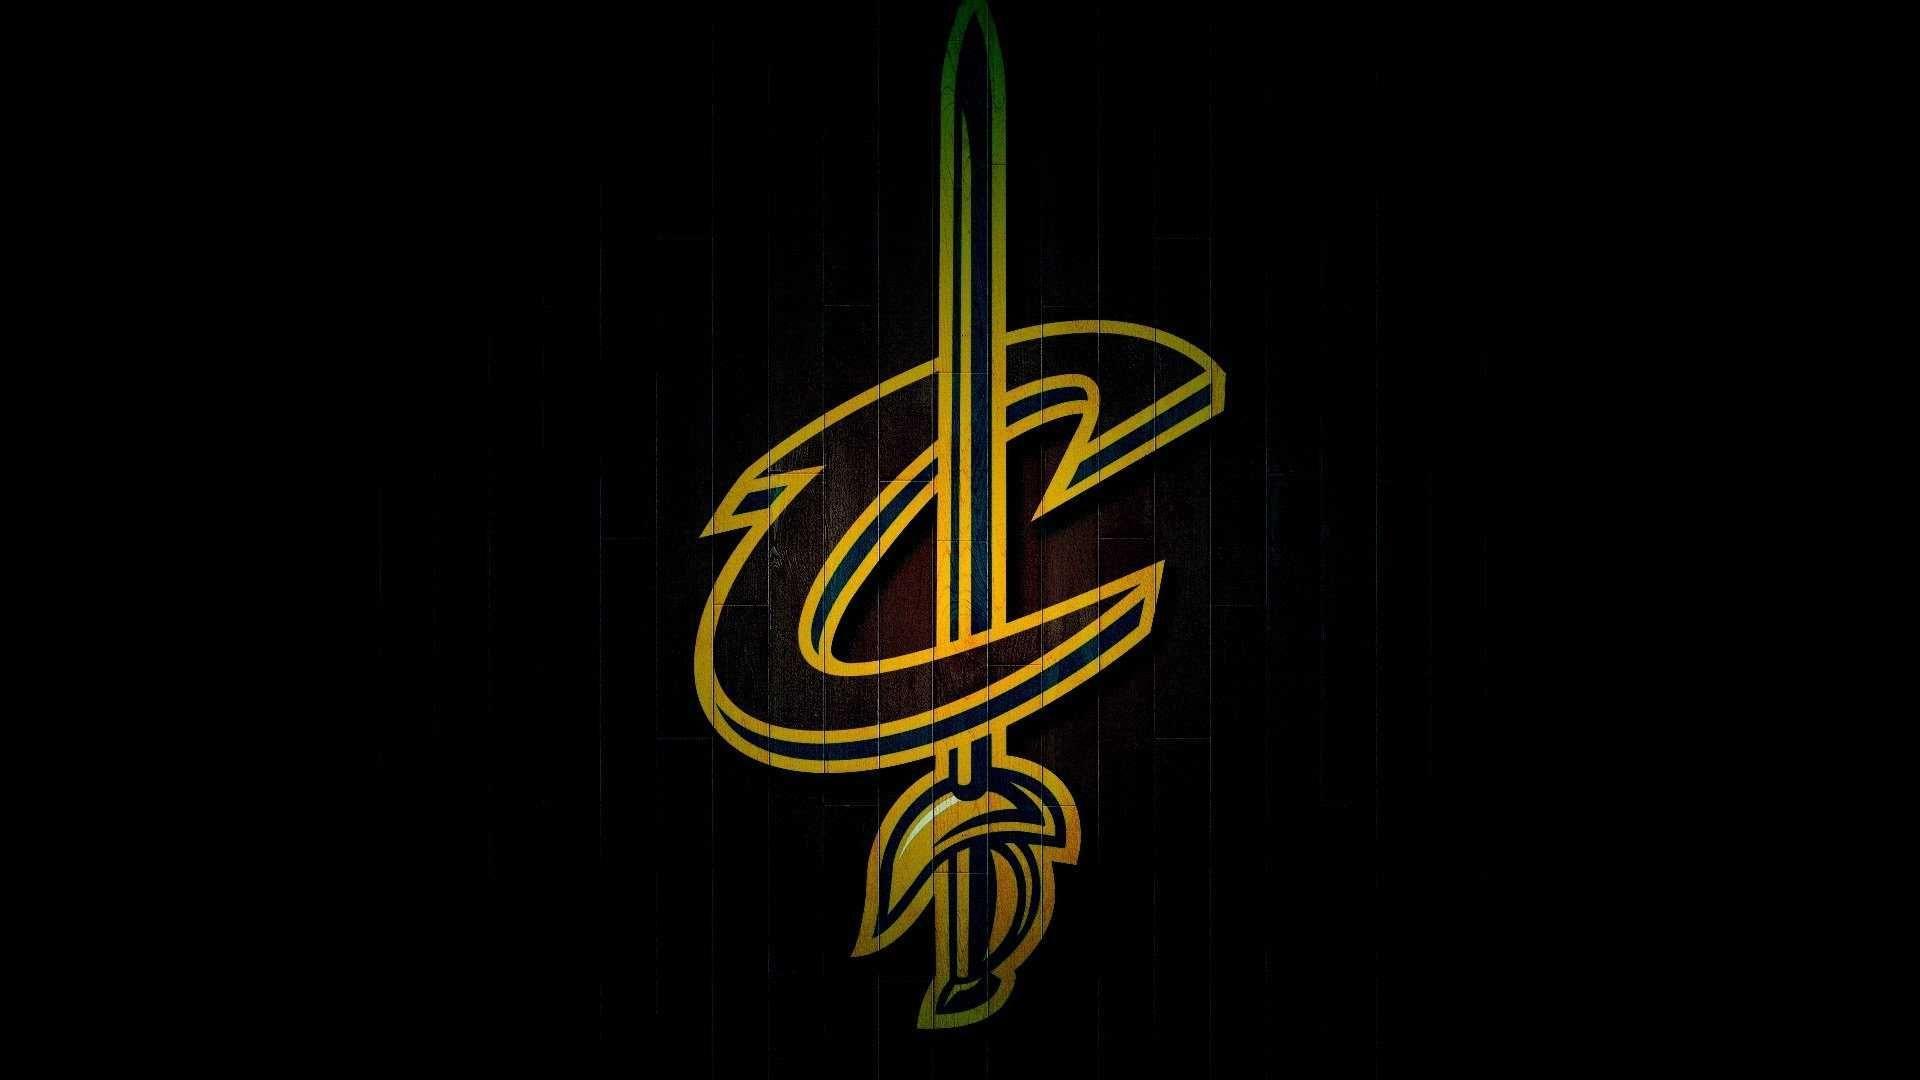 Cleveland Cavaliers Nba Basketball Widescreen Wallpaper For Desktop .